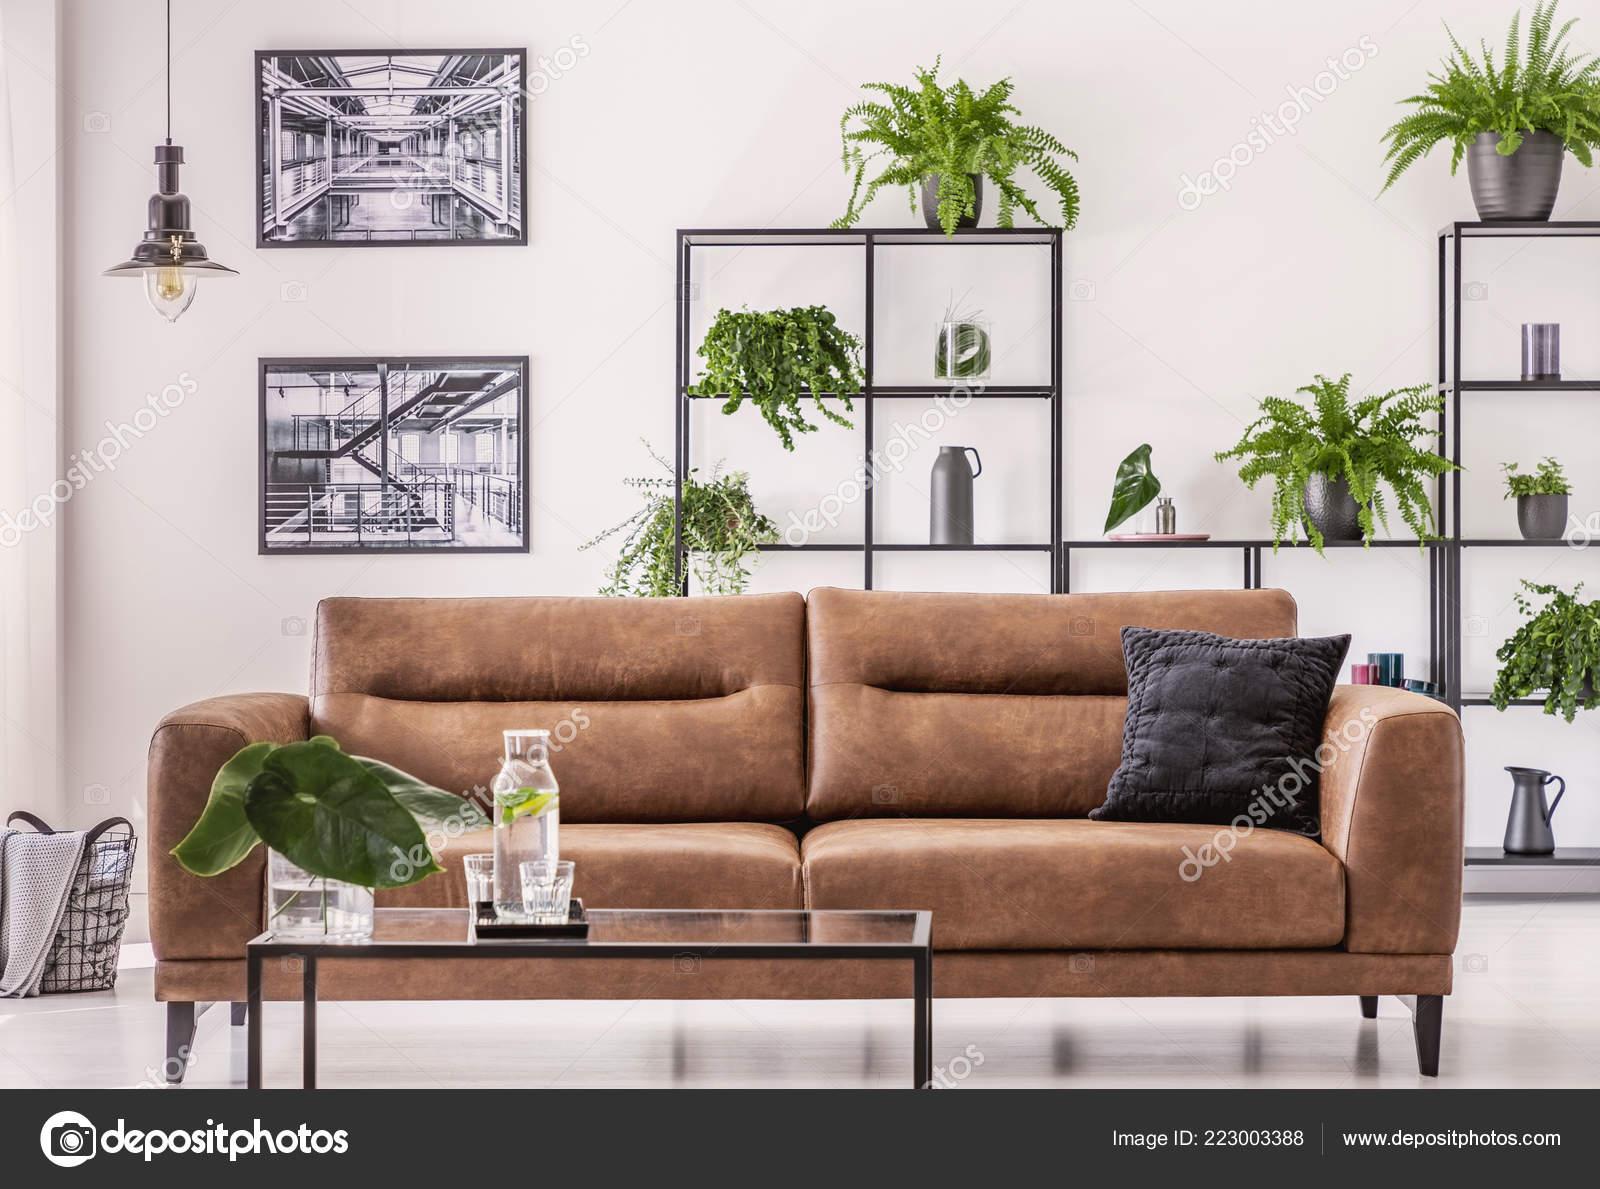 Canapé Cuir Marron Milieu élégant Salon Avec Concept Jungle Urbaine